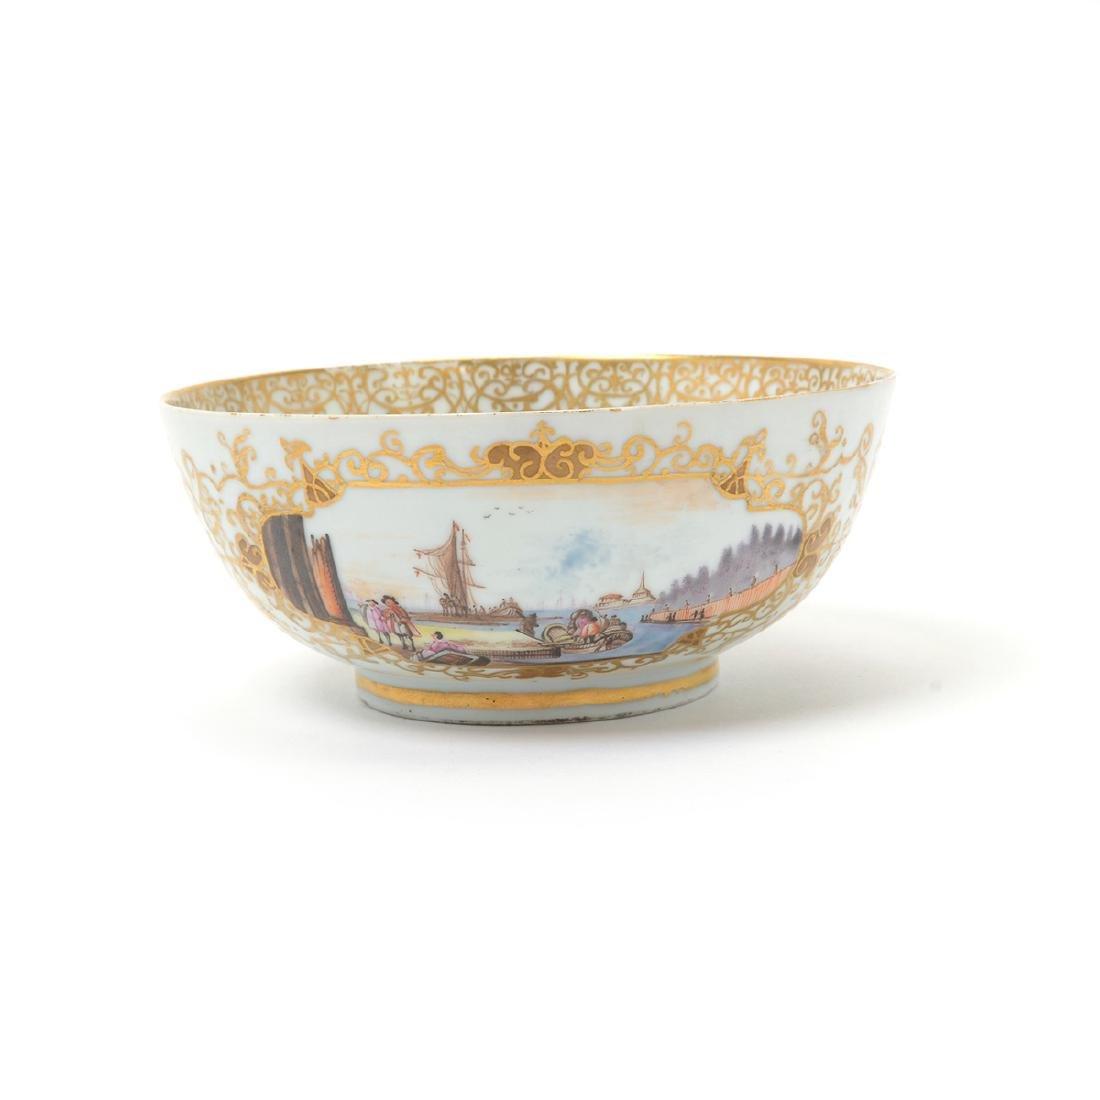 German Porcelain Bowl with Landscape Vignettes, 18th - 3